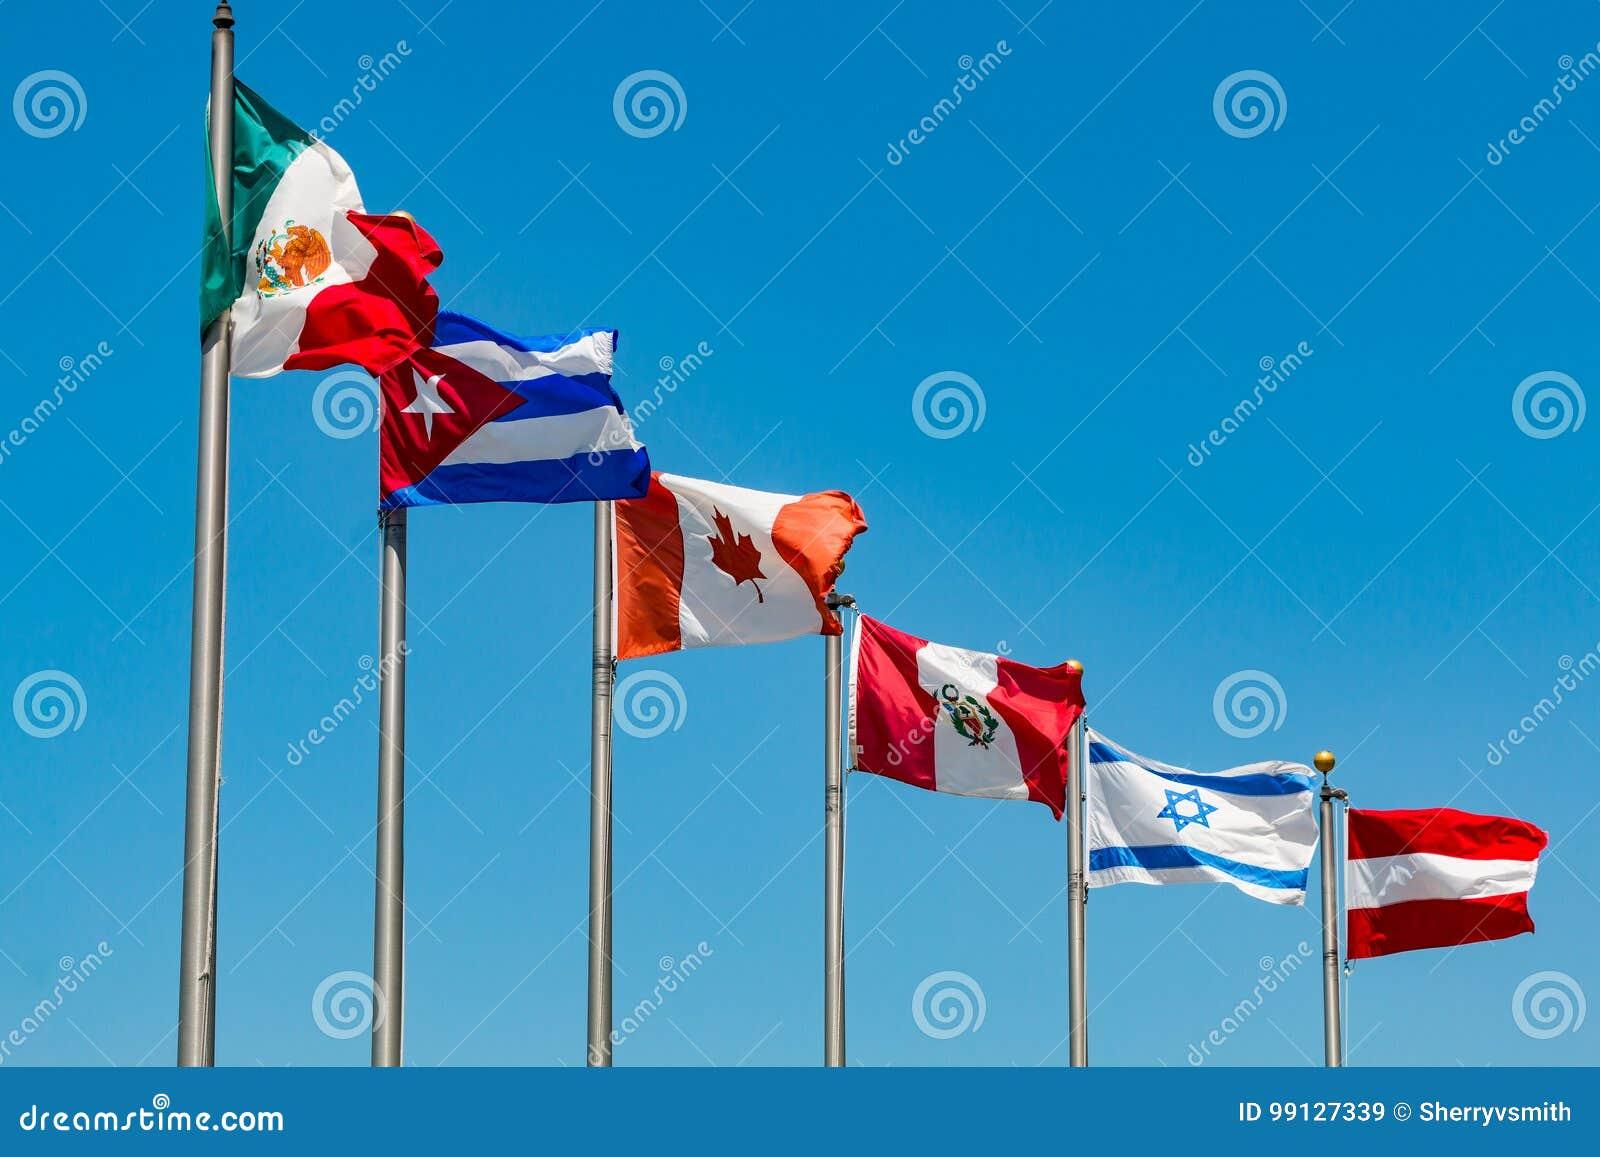 Bandiere su Pali dai vari paesi